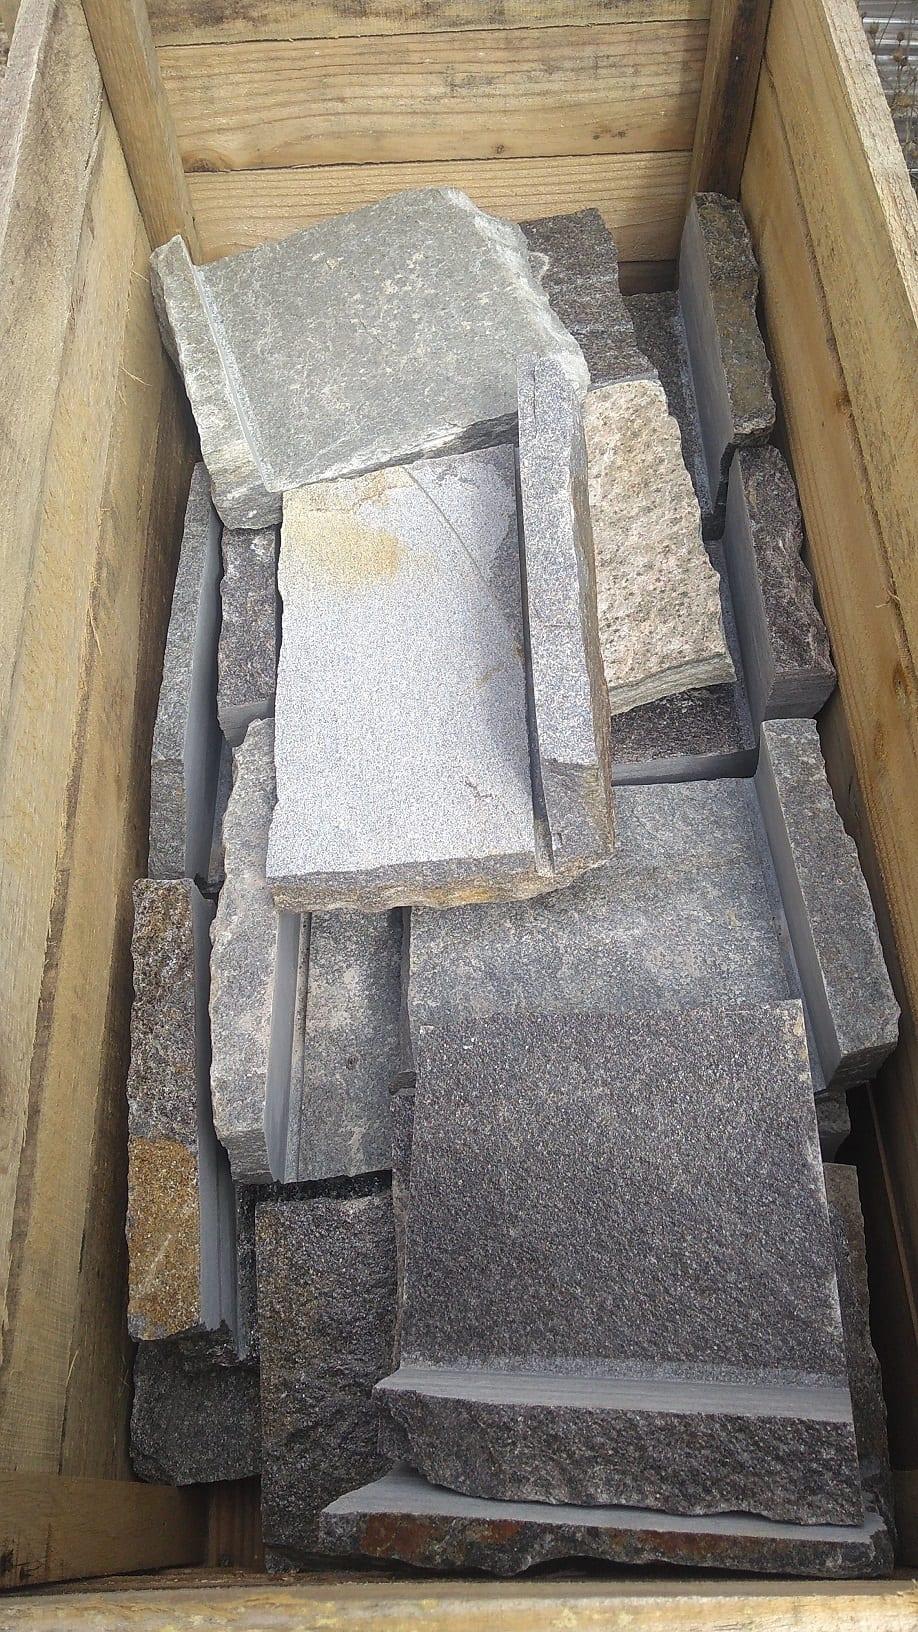 Berkley Natural Stone Veneer Stock Corner Crate